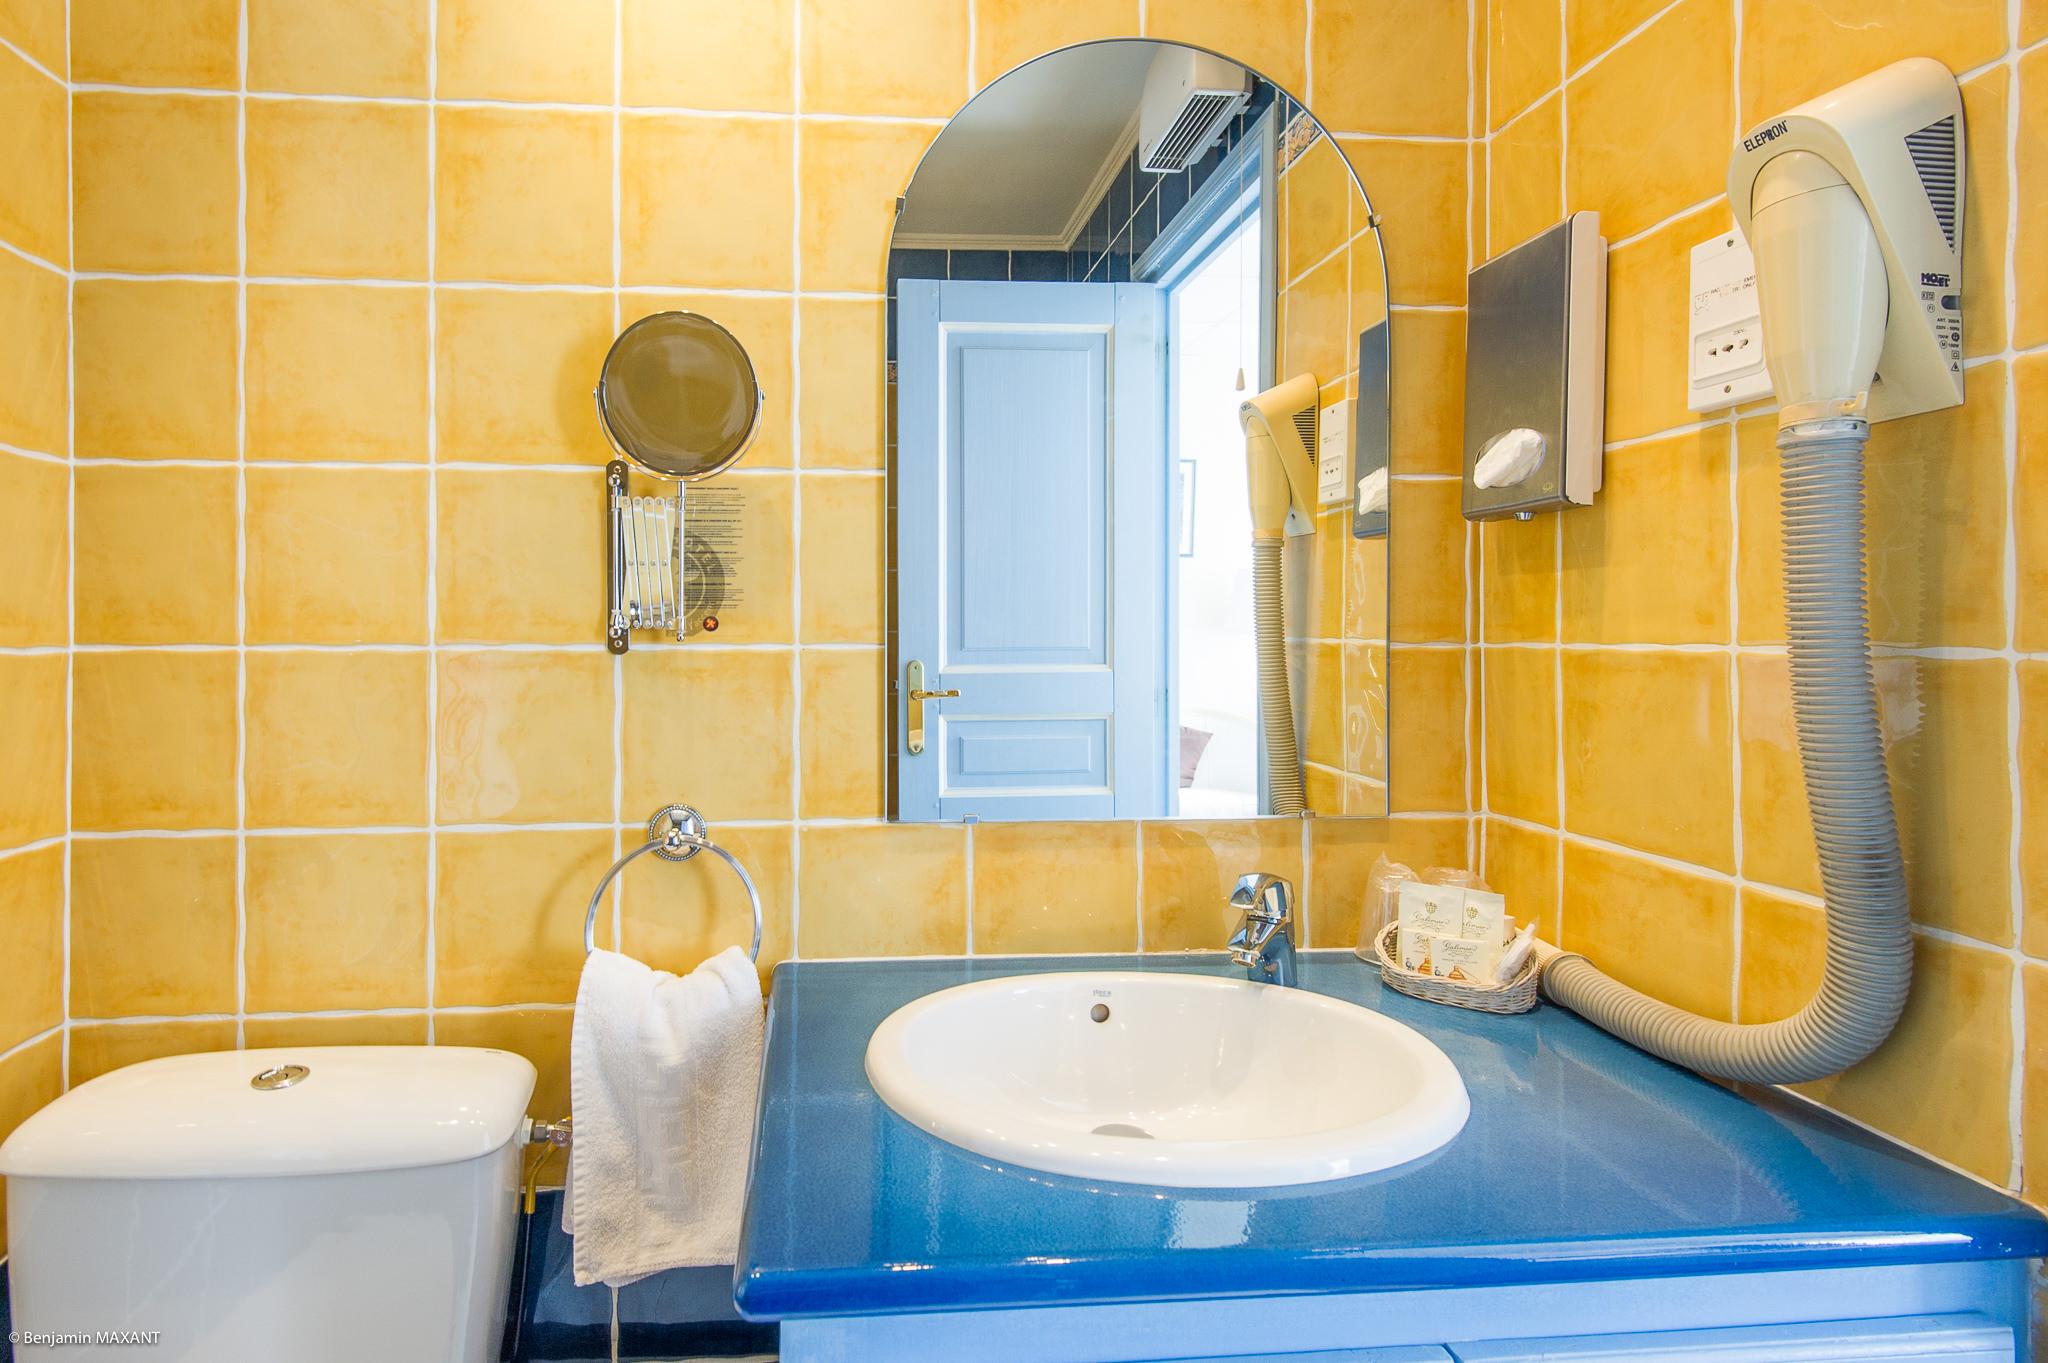 reportage photo immobilier de l'Hôtel lLes Orangers à Cannes - salle de bains de la première chambre